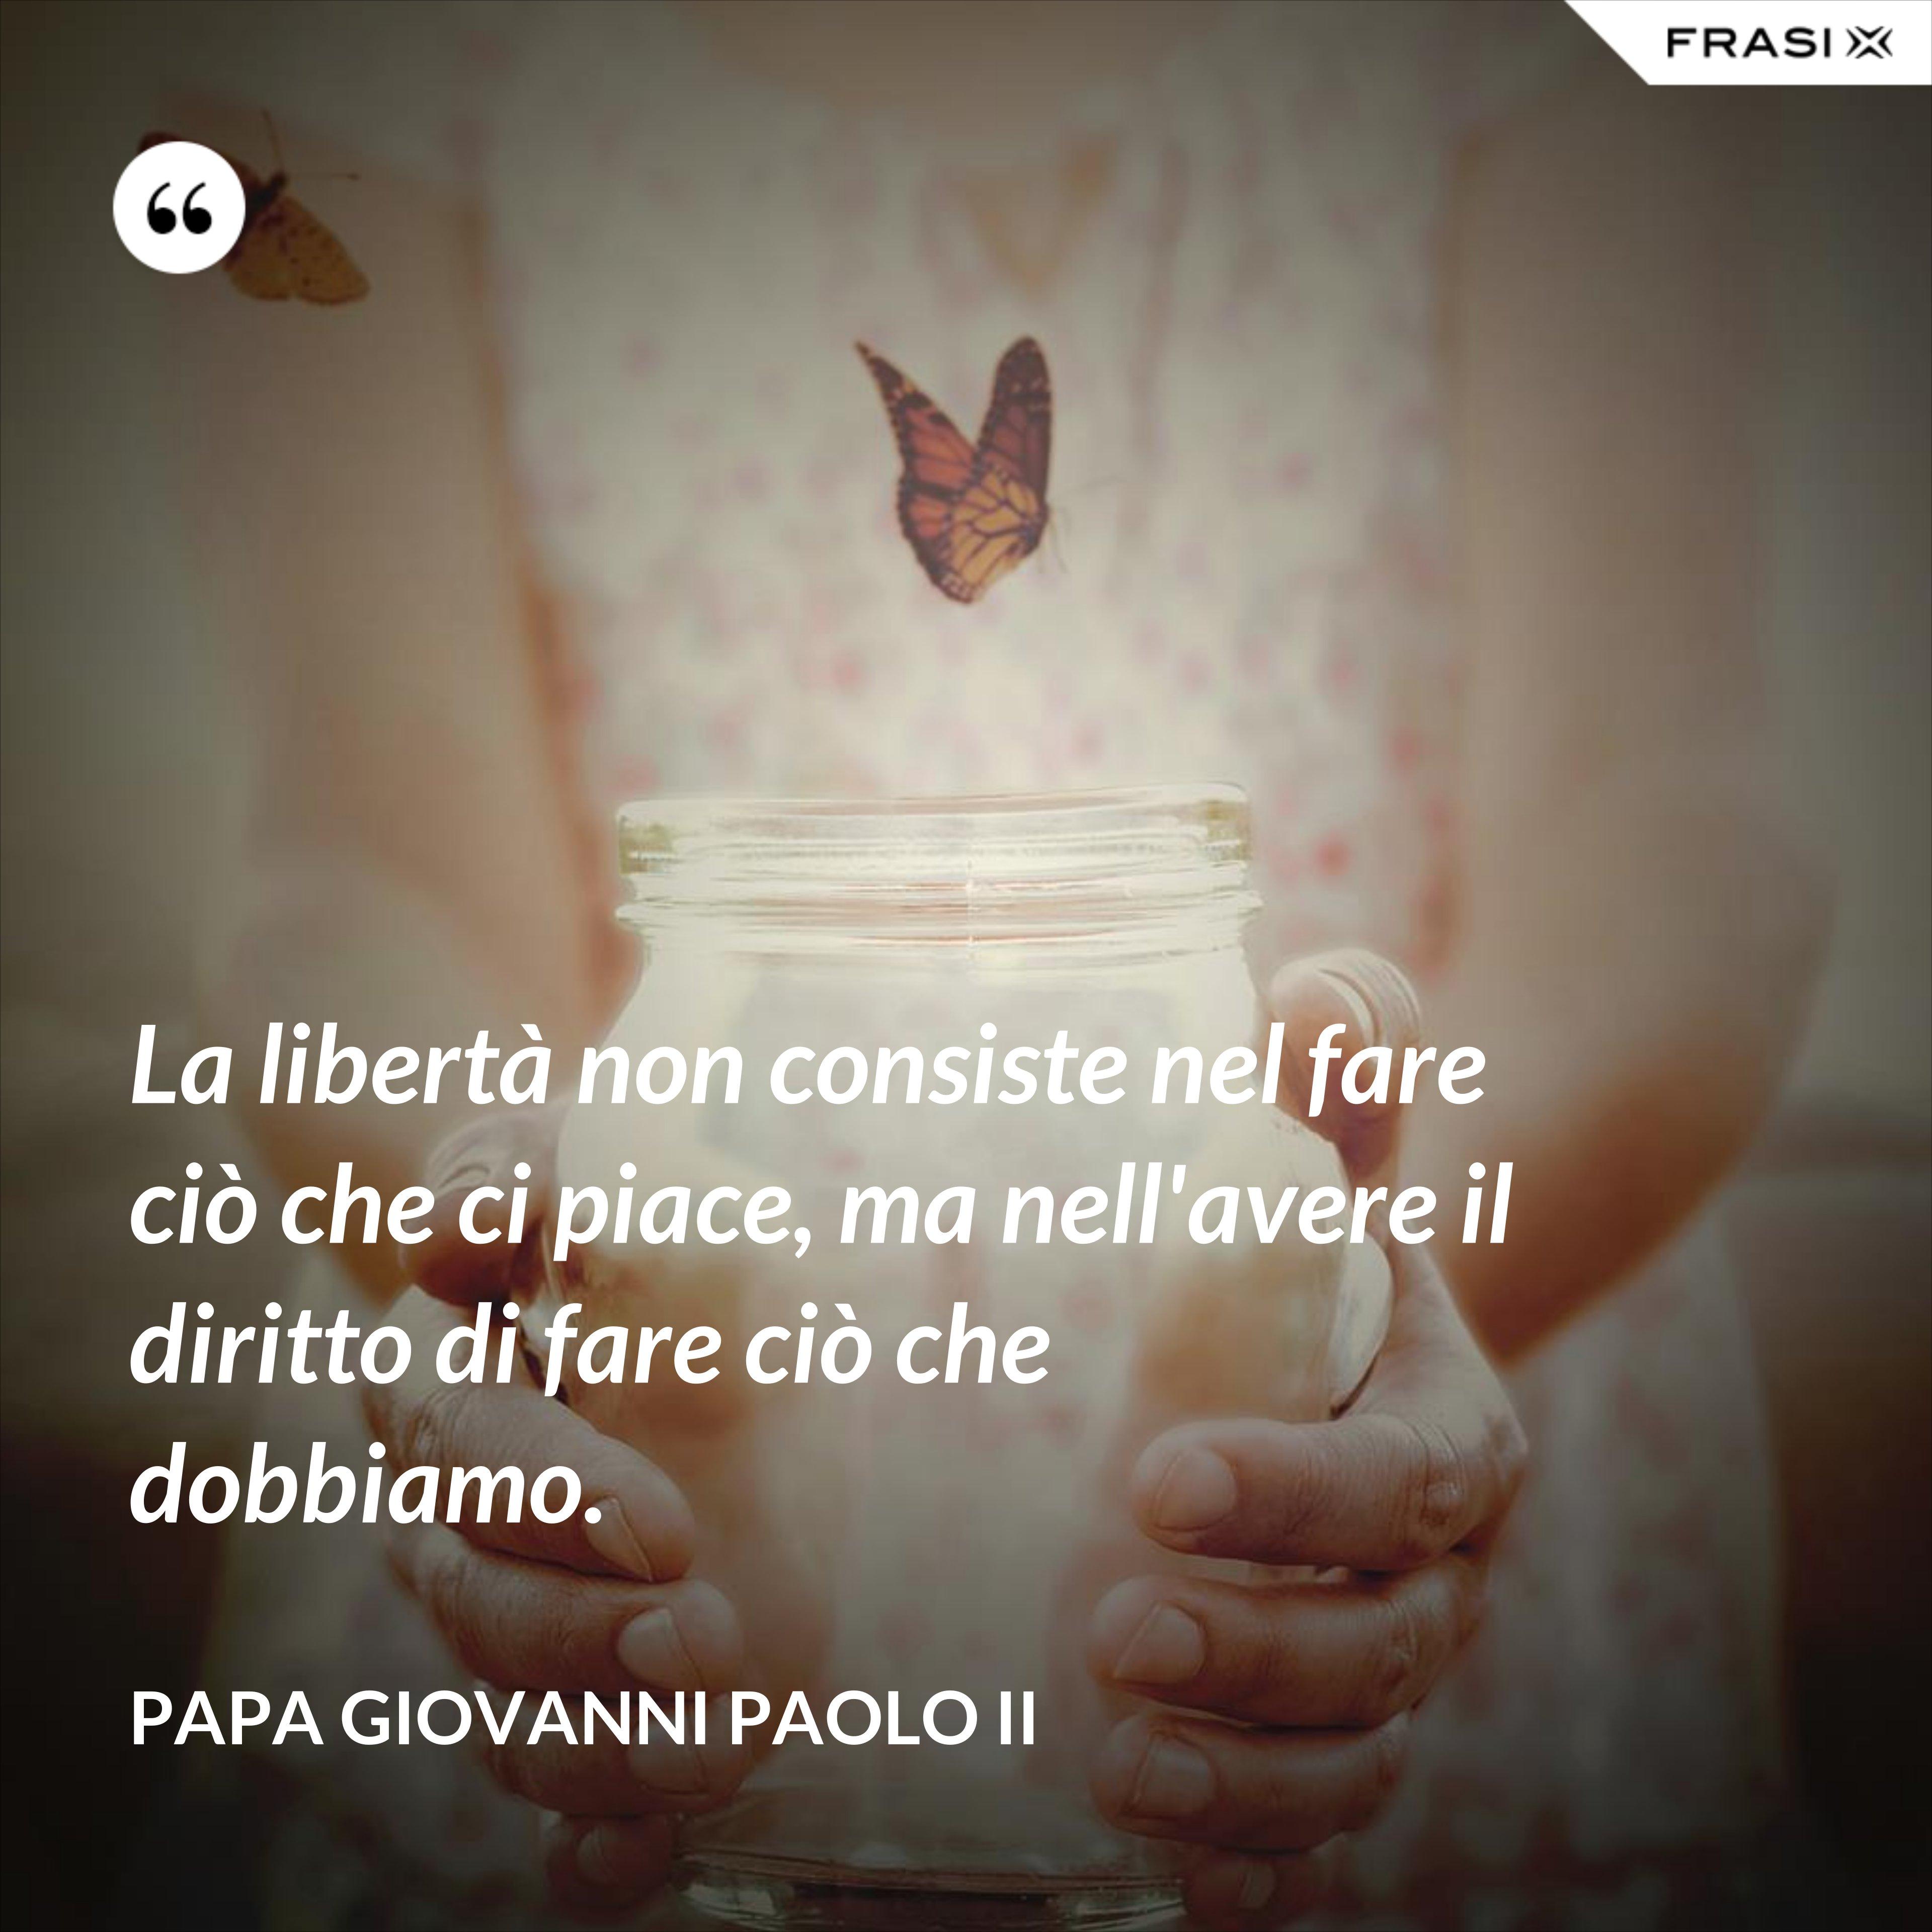 La libertà non consiste nel fare ciò che ci piace, ma nell'avere il diritto di fare ciò che dobbiamo. - Papa Giovanni Paolo II